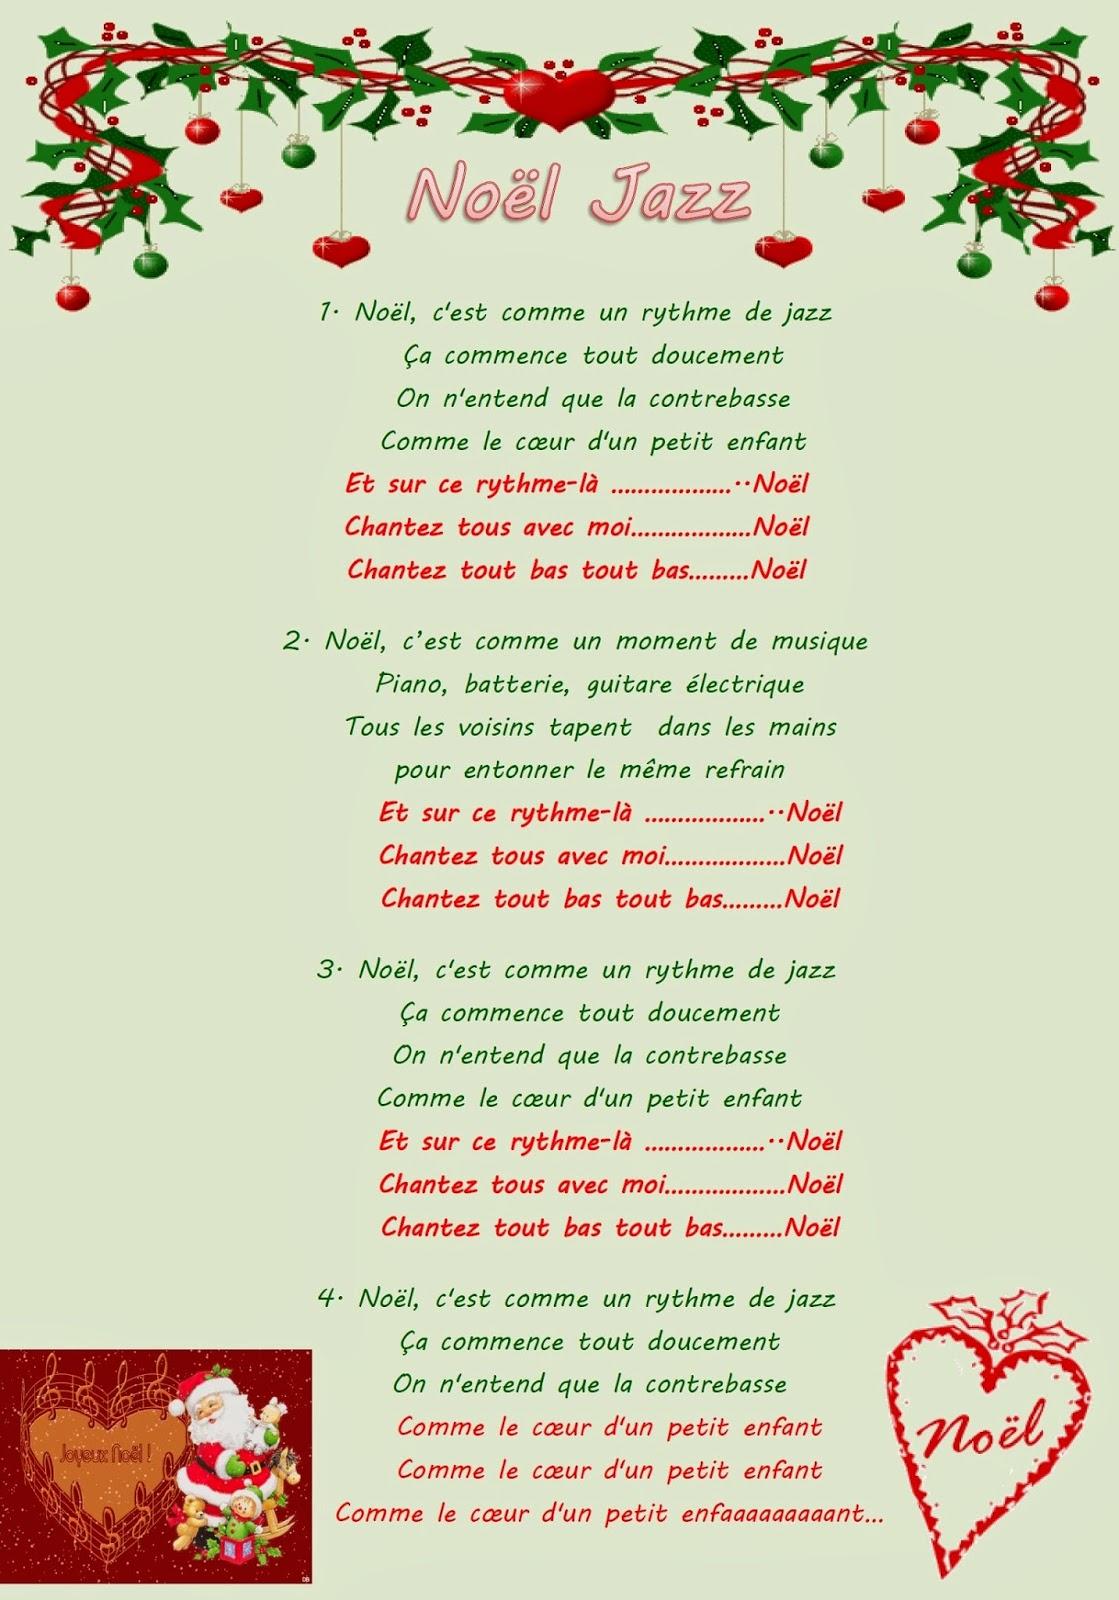 Noël C'est Comme Un Rythme De Jazz Paroles : noël, c'est, comme, rythme, paroles, Mademoiselle, SanDRillana:, Noël,, C'est, Comme, Rythme